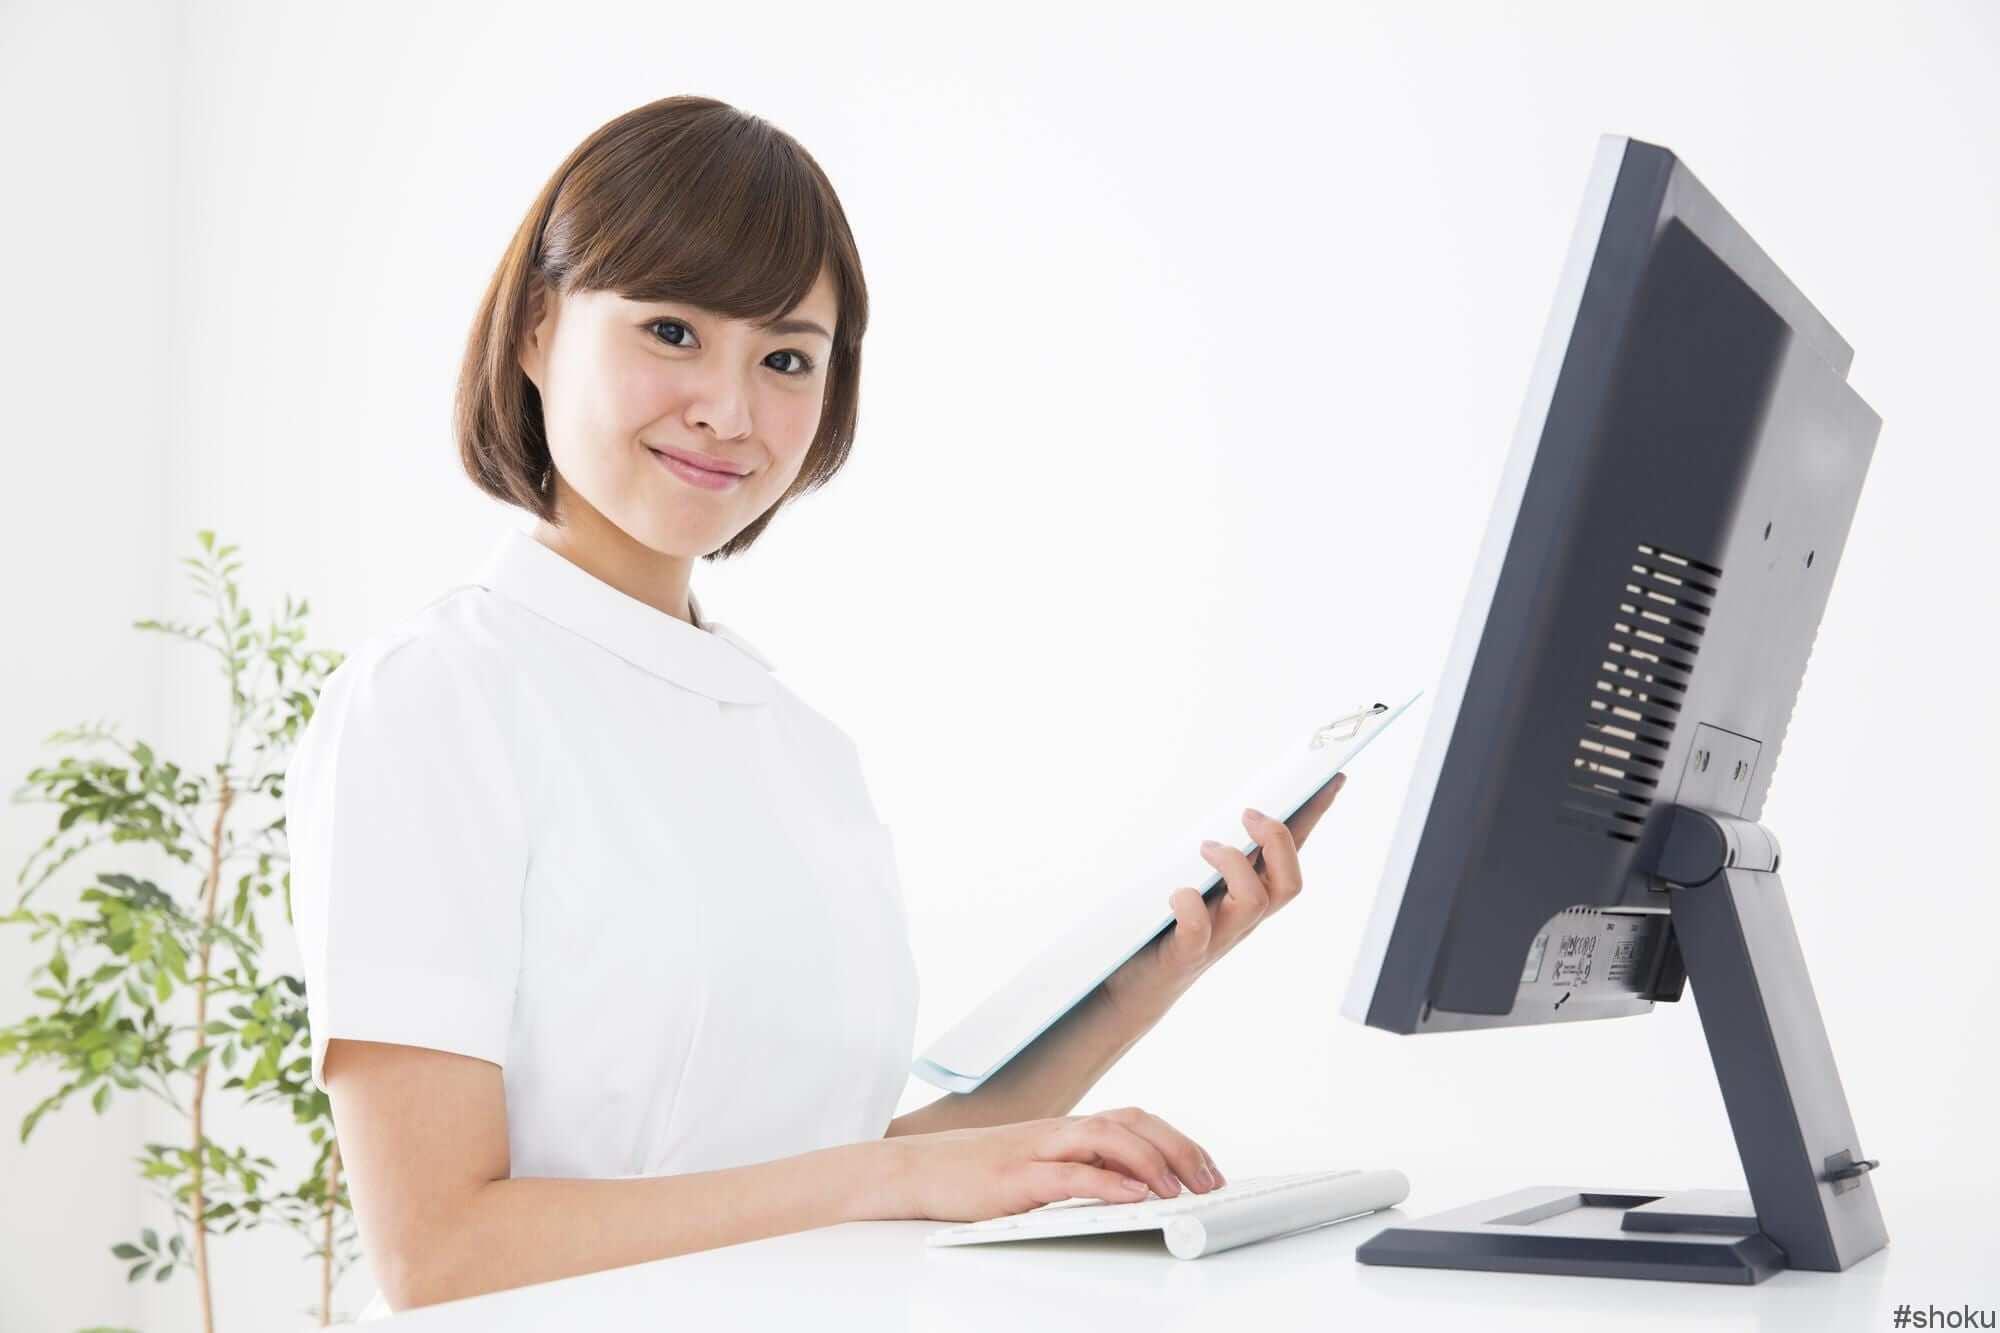 医療事務の「レセプト業務」に従事する女性